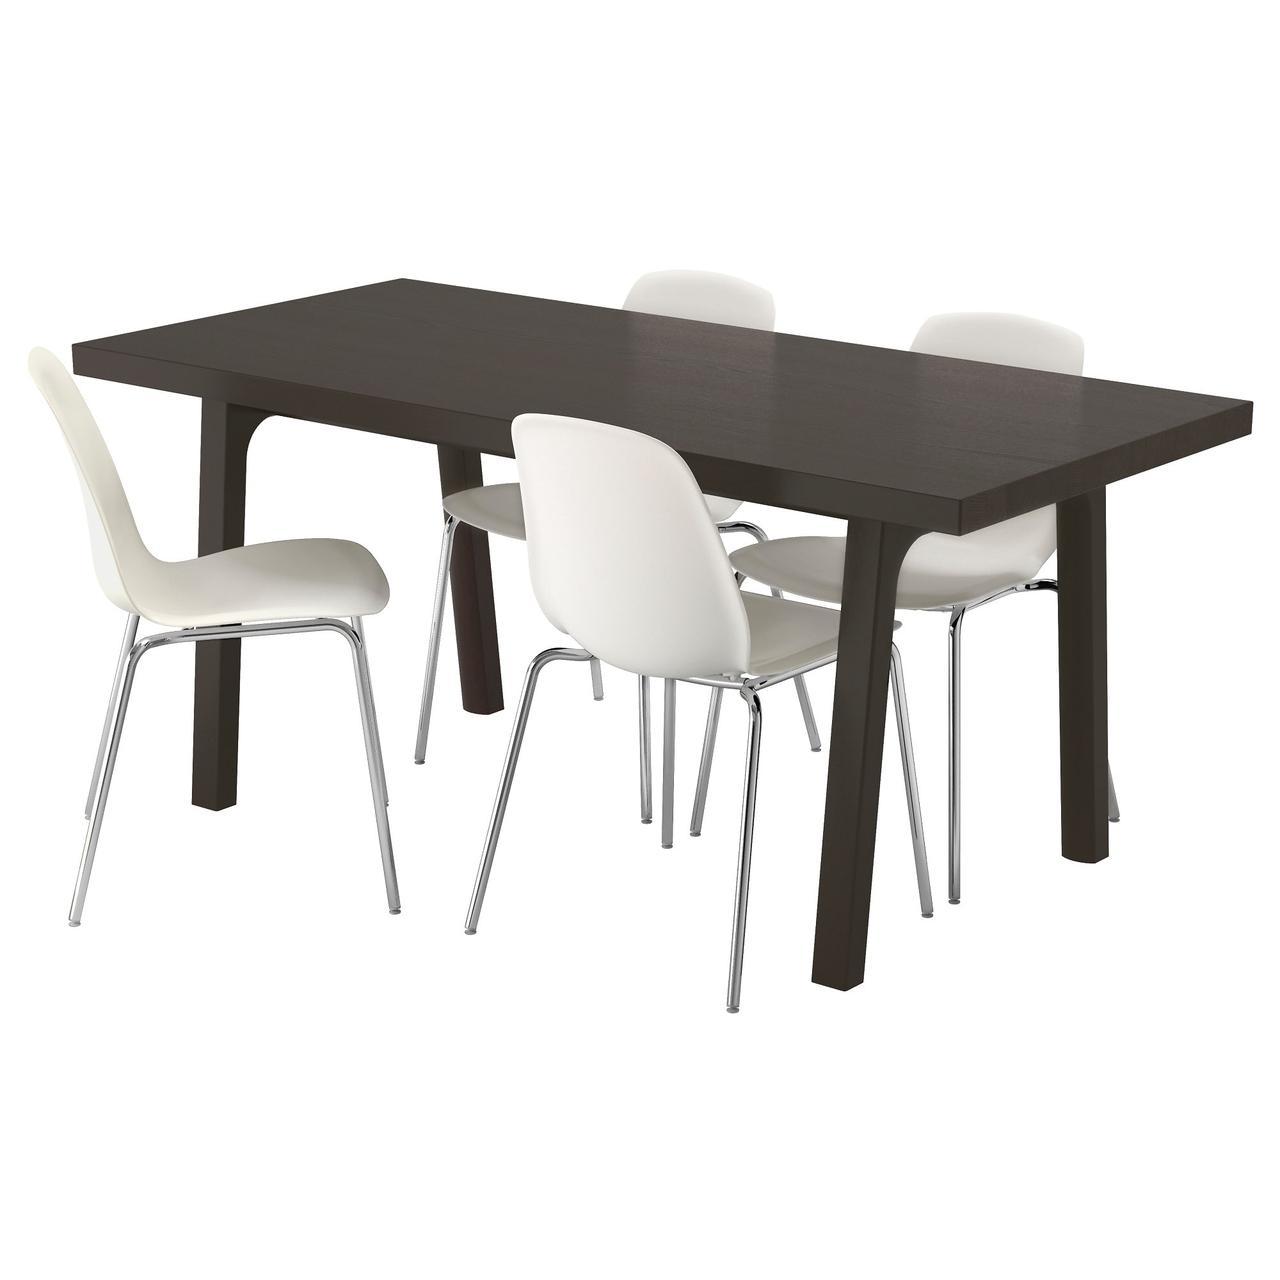 ВЭСТАНБИ/ВЭСТАНО / ЛЕЙФ-АРНЕ Стол и 4 стула, темно-коричневый, белый